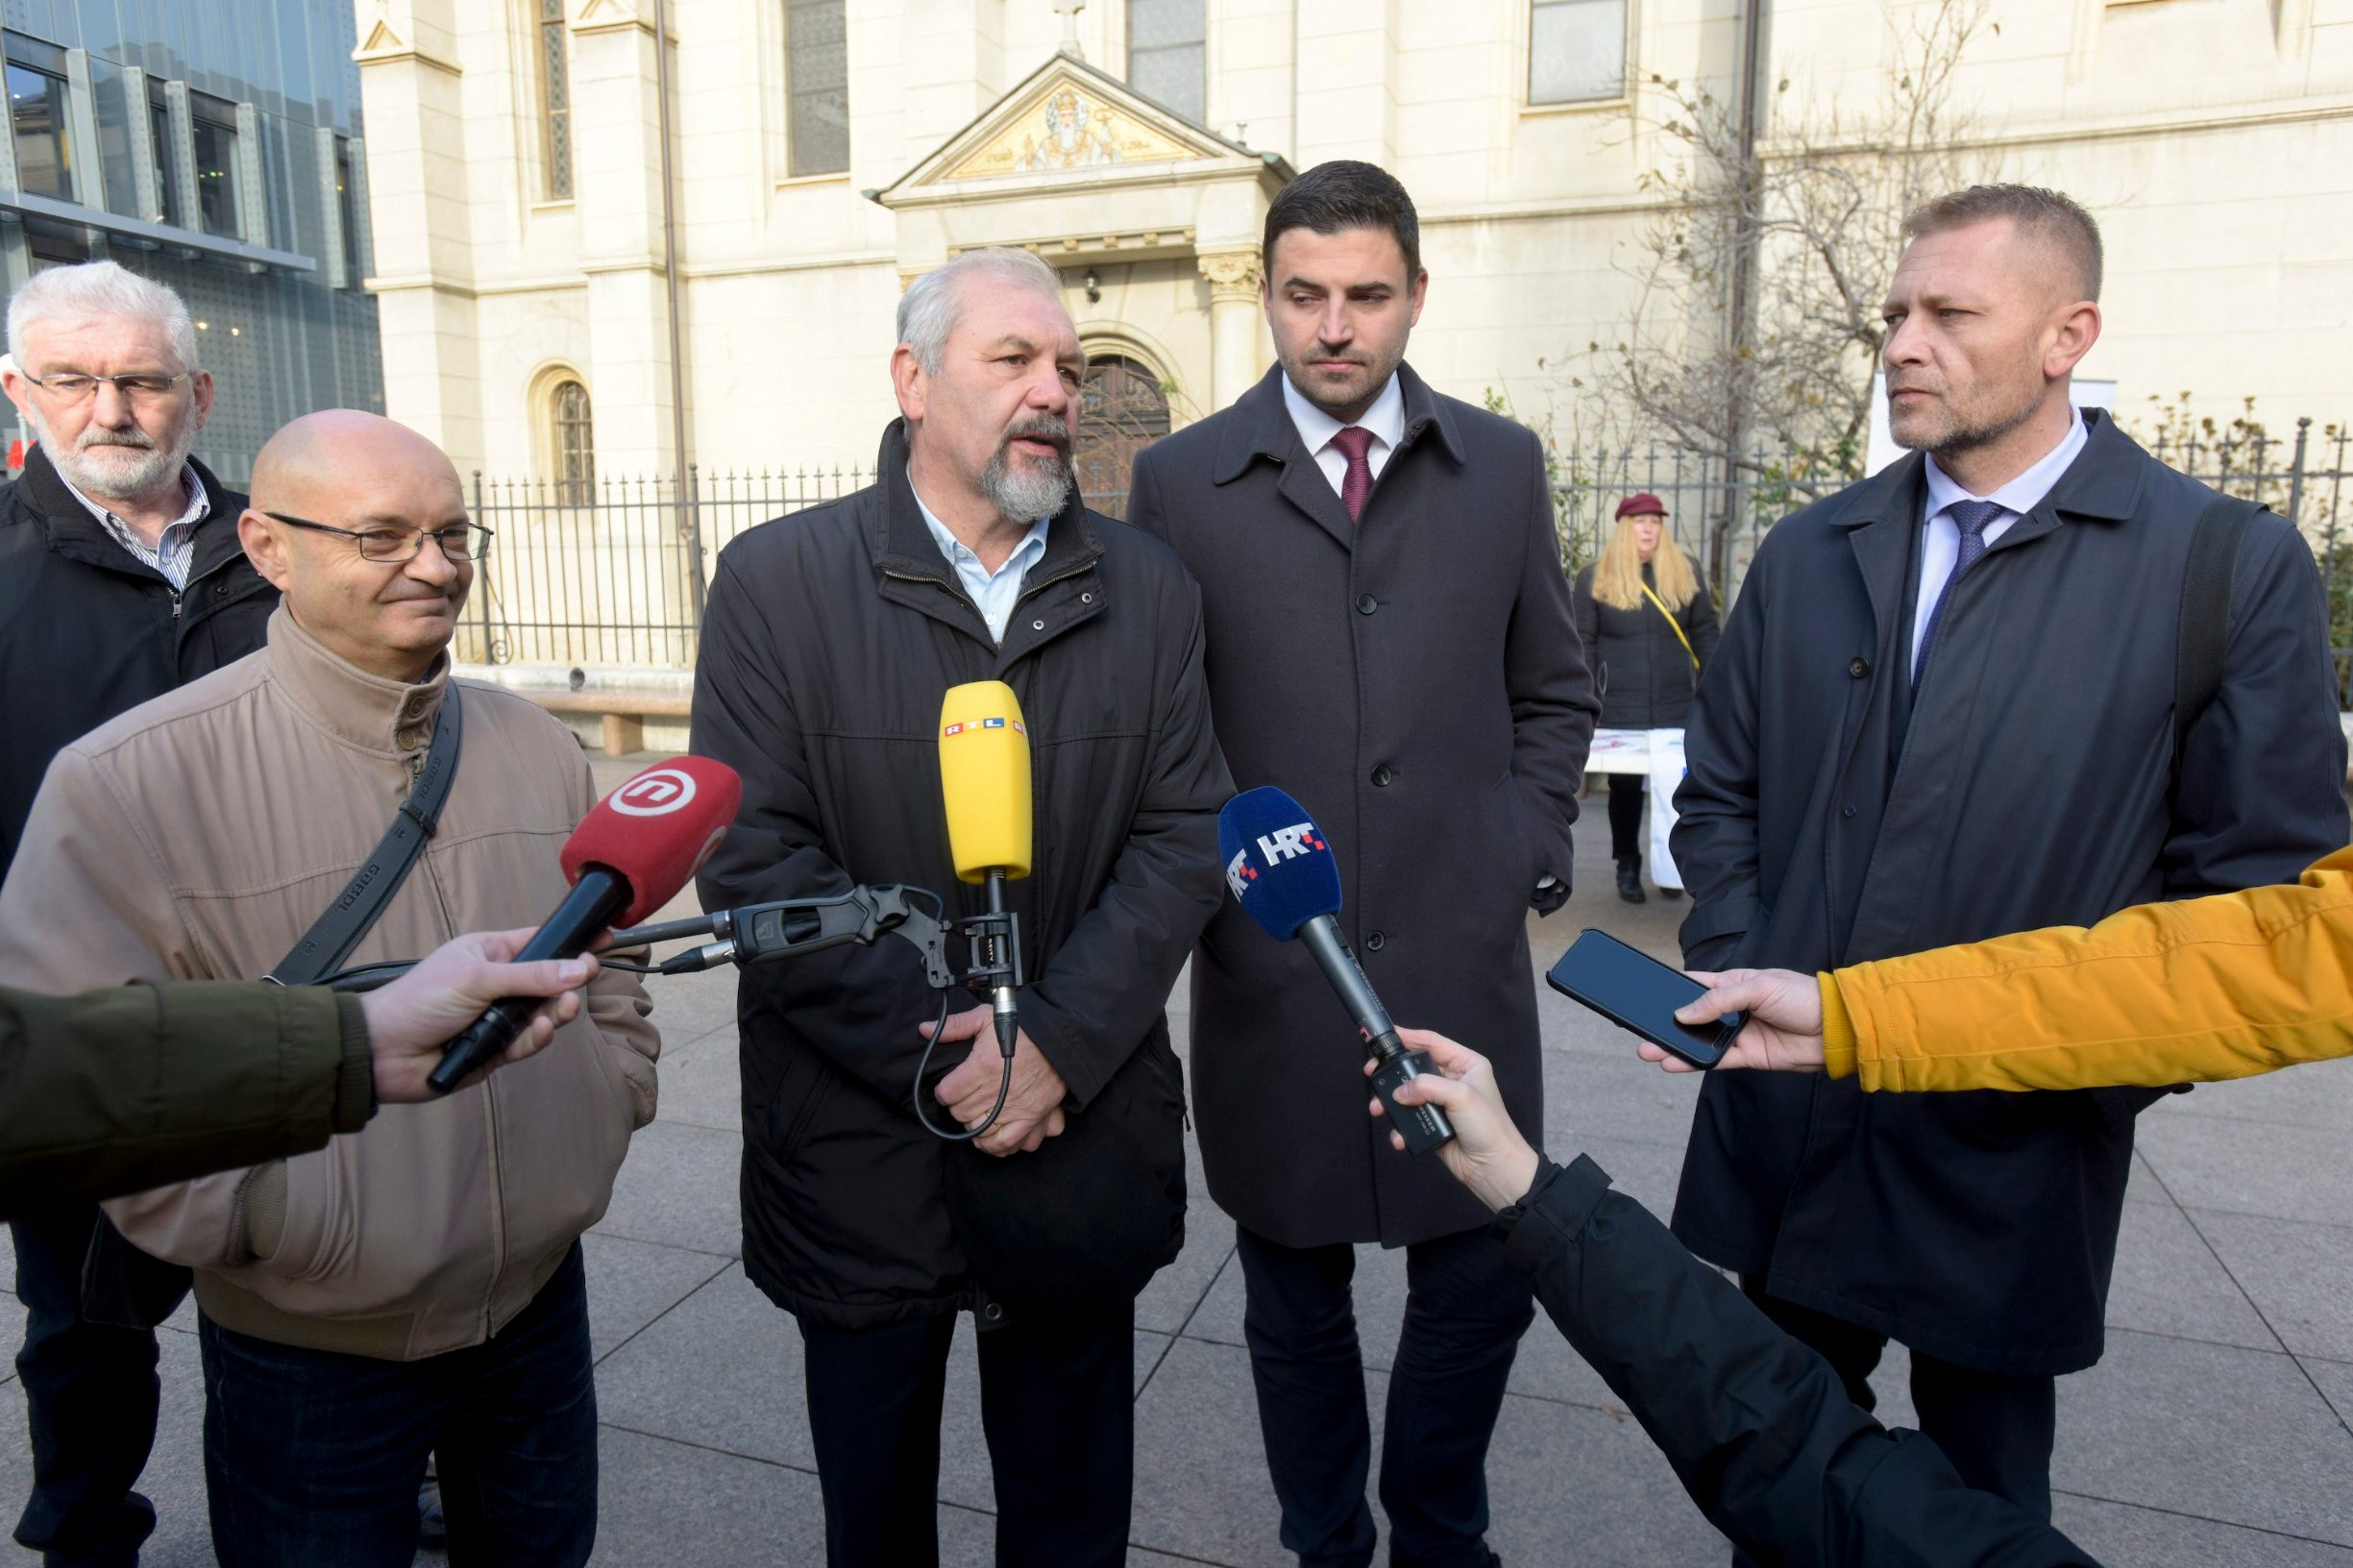 Goran Aleksić, Silvano Hrelja, Davor Bernardić i Krešimir Beljak